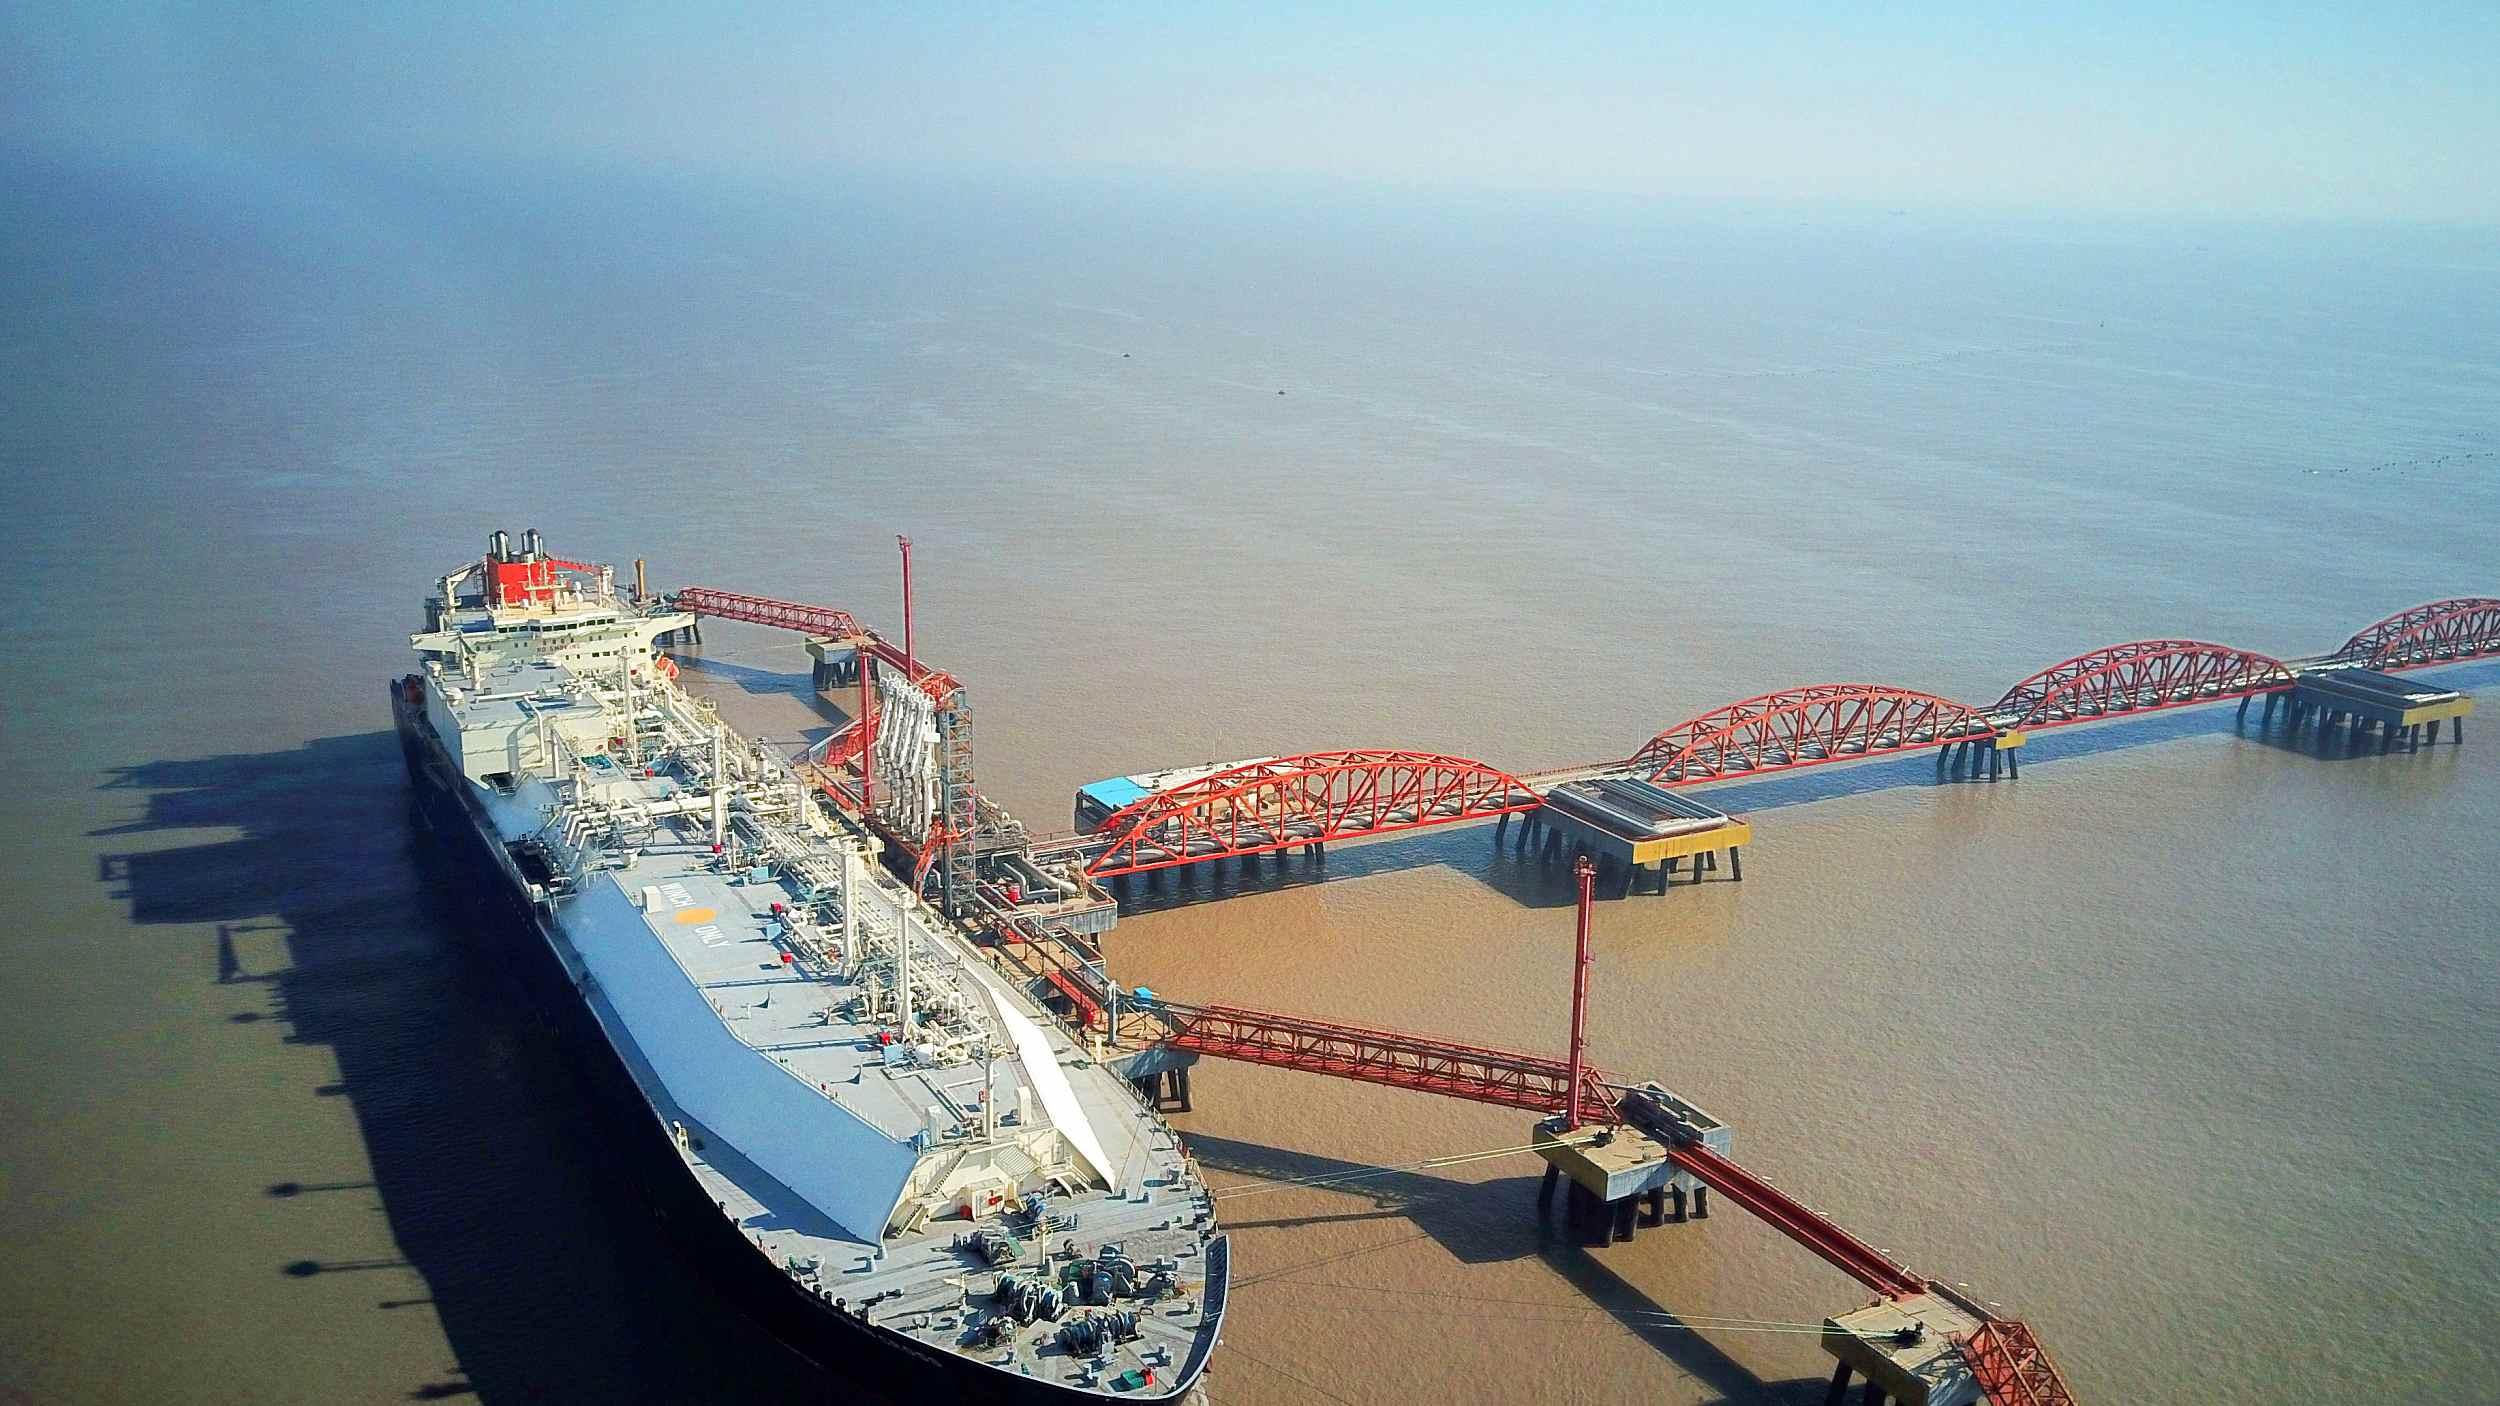 Large smart oil tanker delivered in NE China